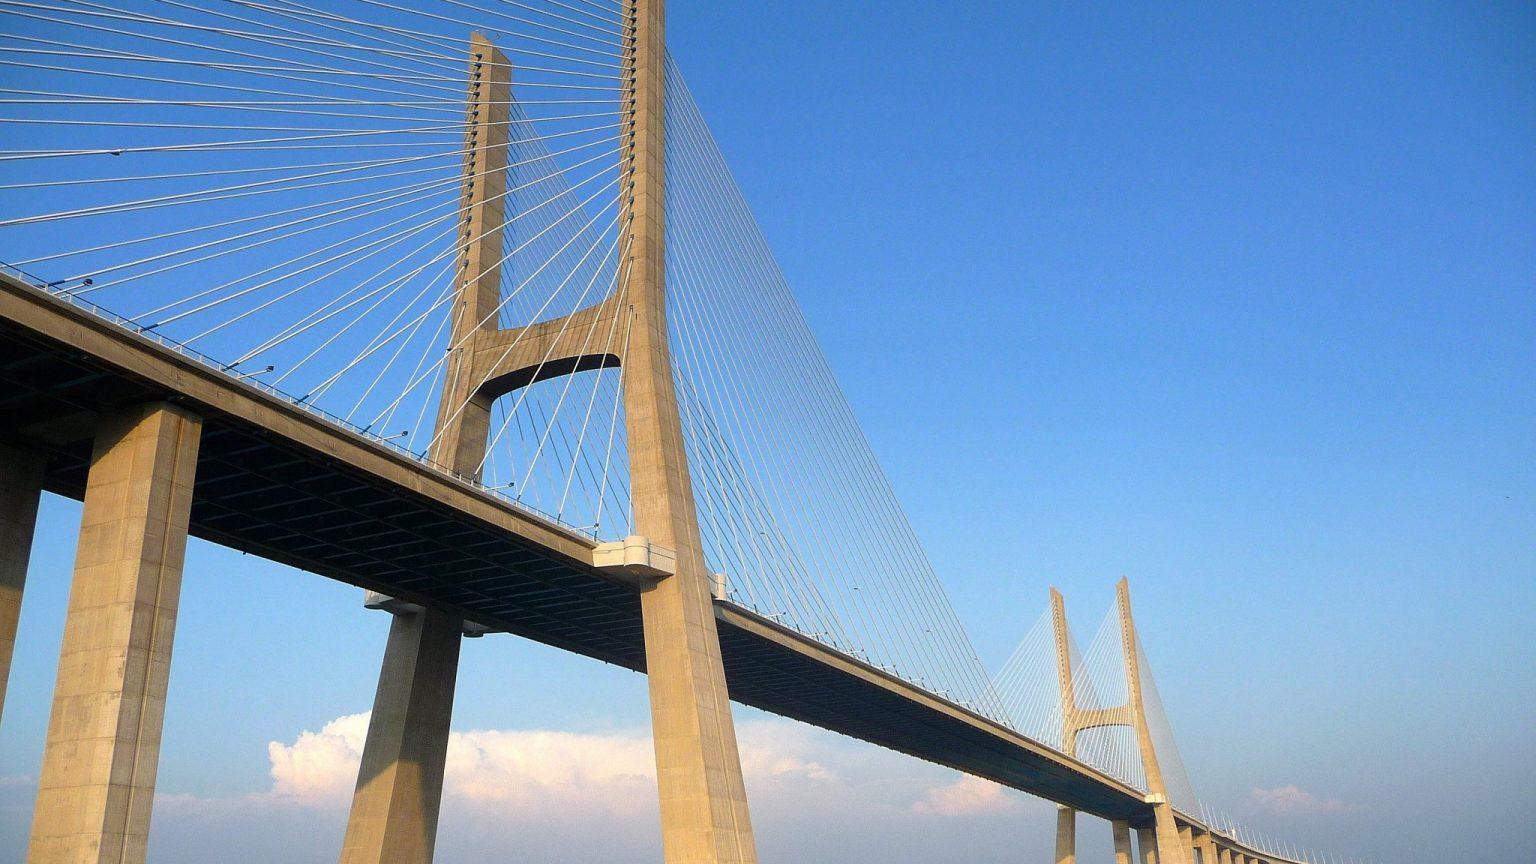 Vue de dessous du pont Vasco da Gama à Lisbonne au Portugal sous un ciel bleu